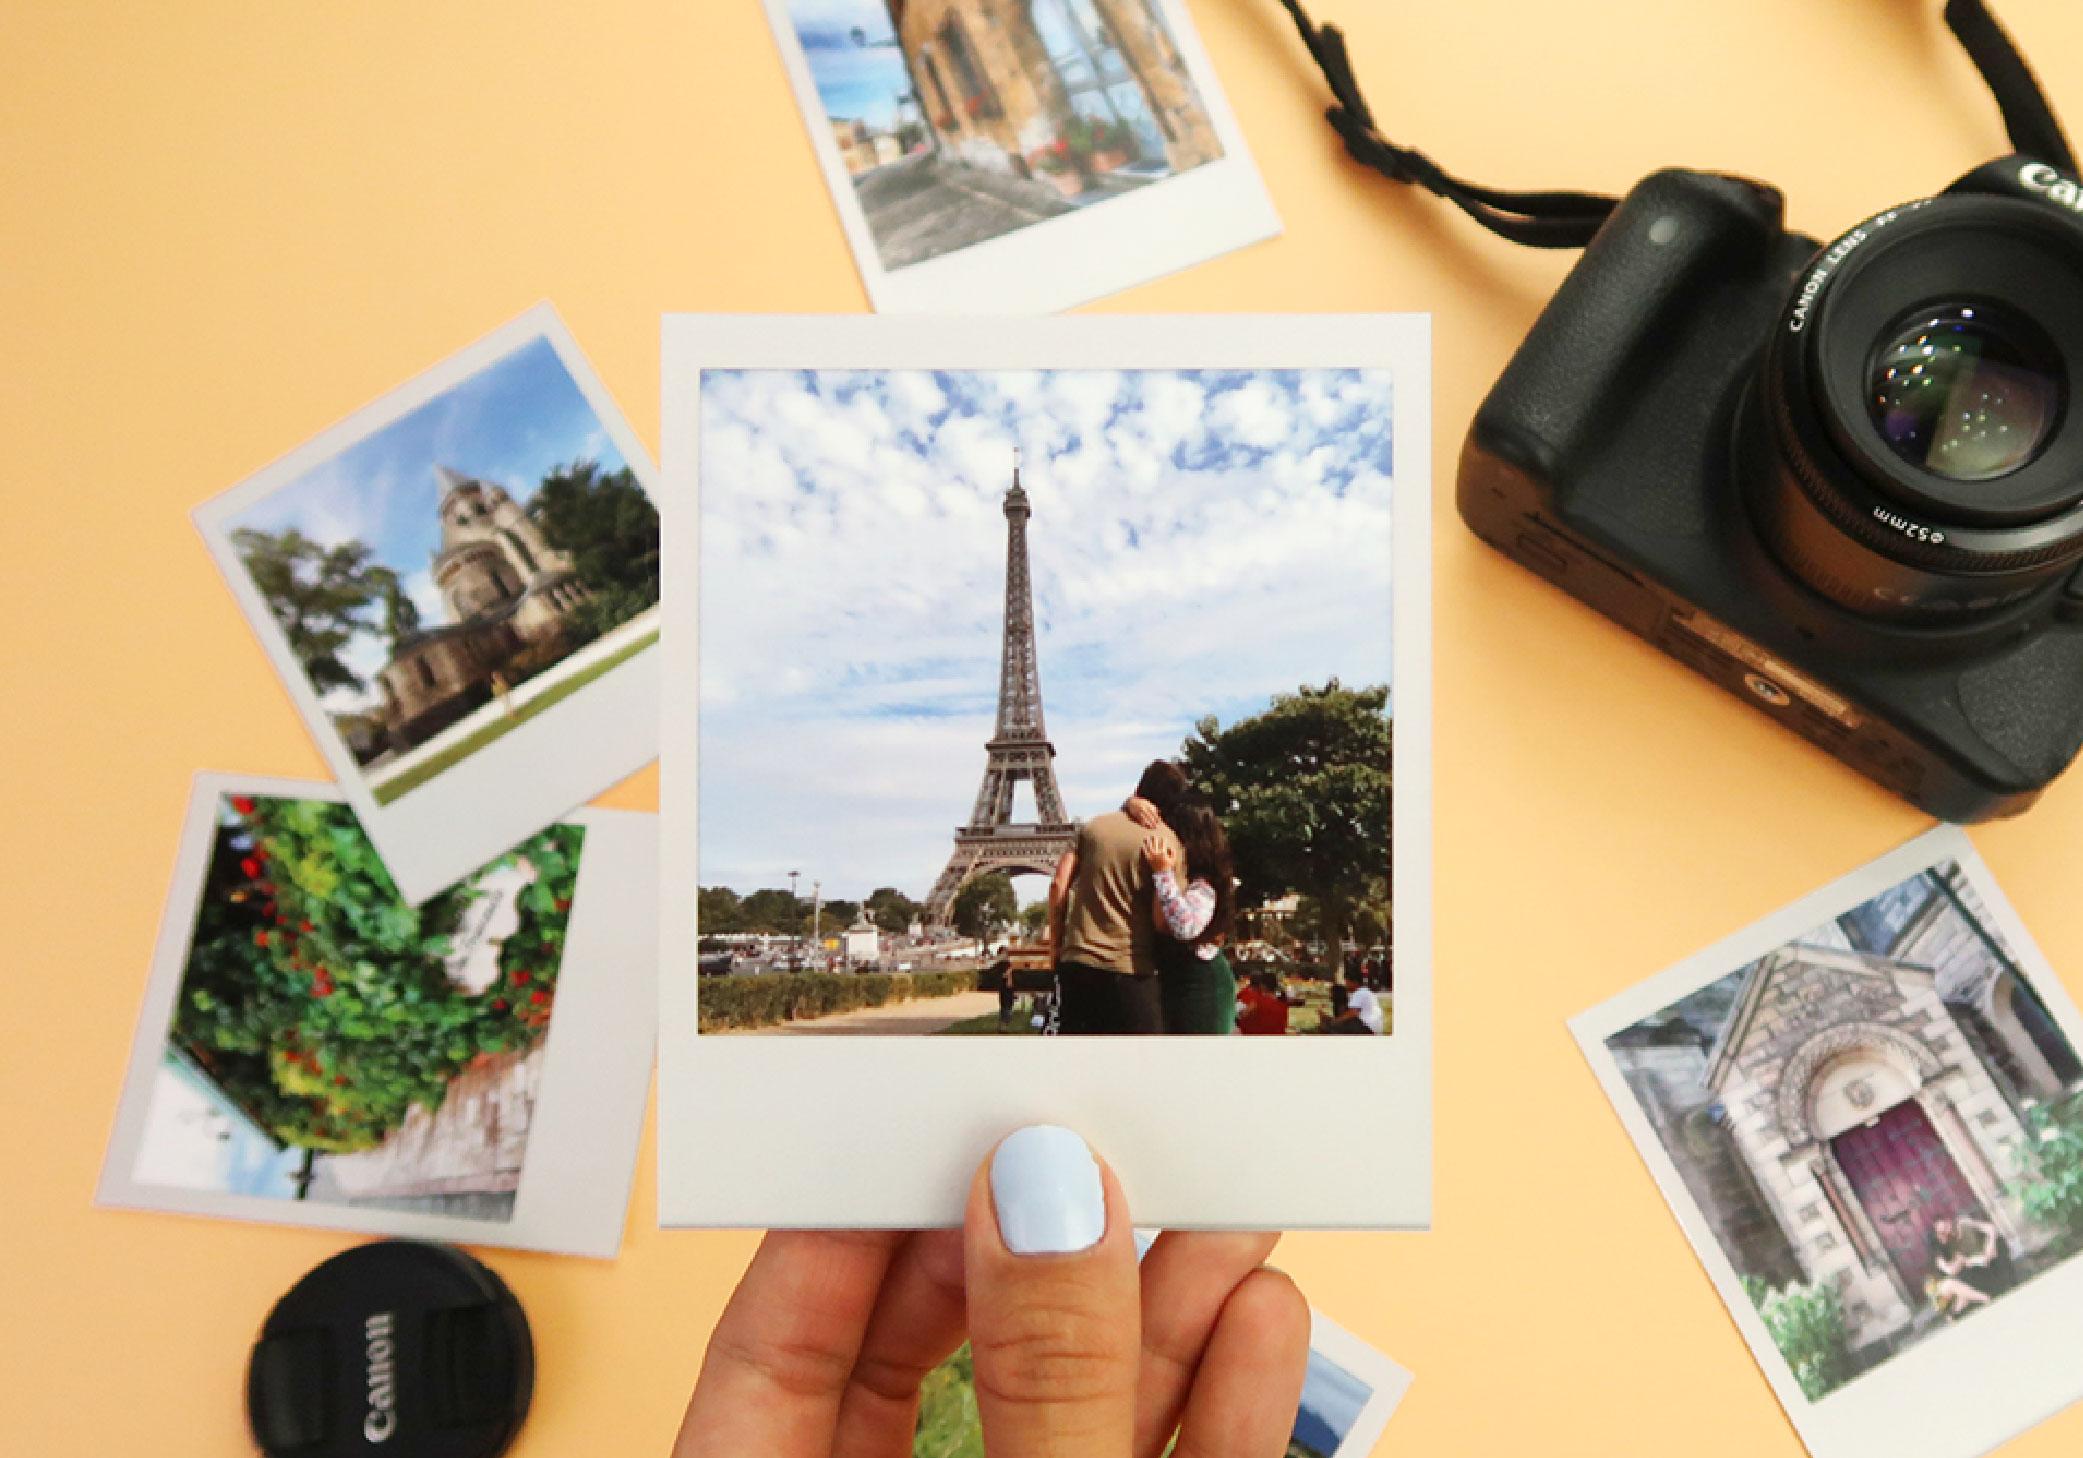 Fotos polaroid 1